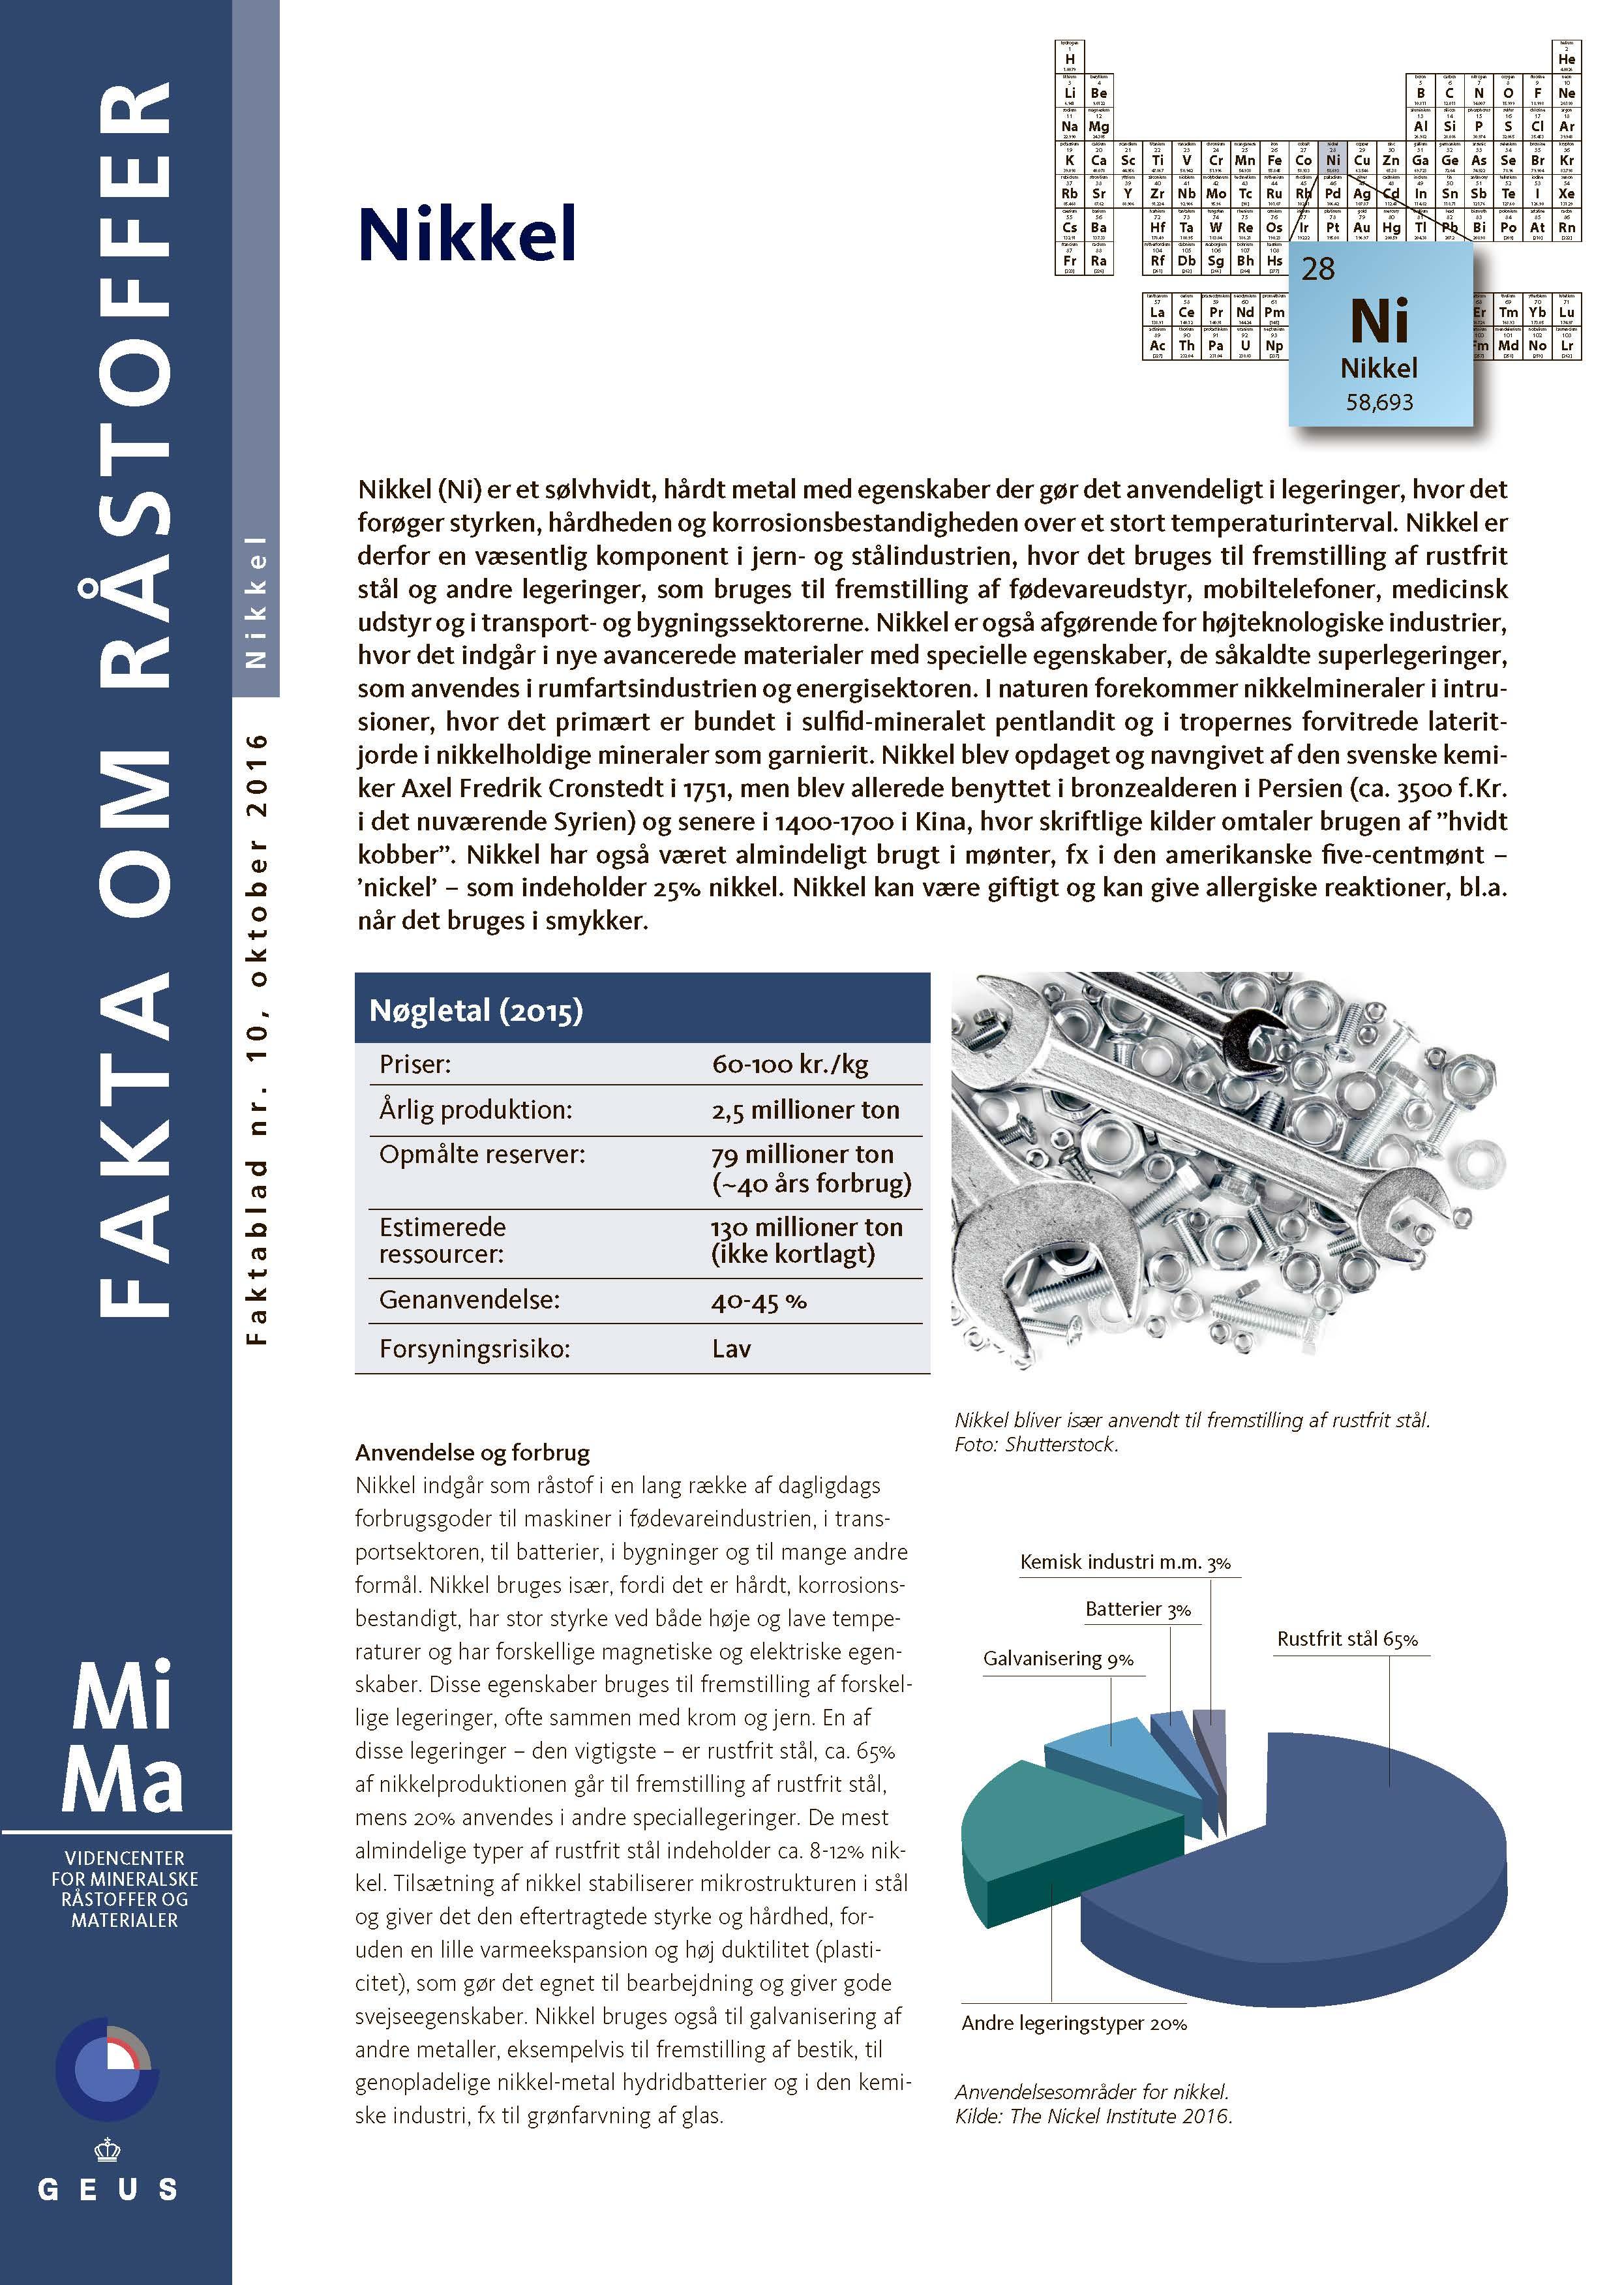 MiMa Faktablad – Nikkel